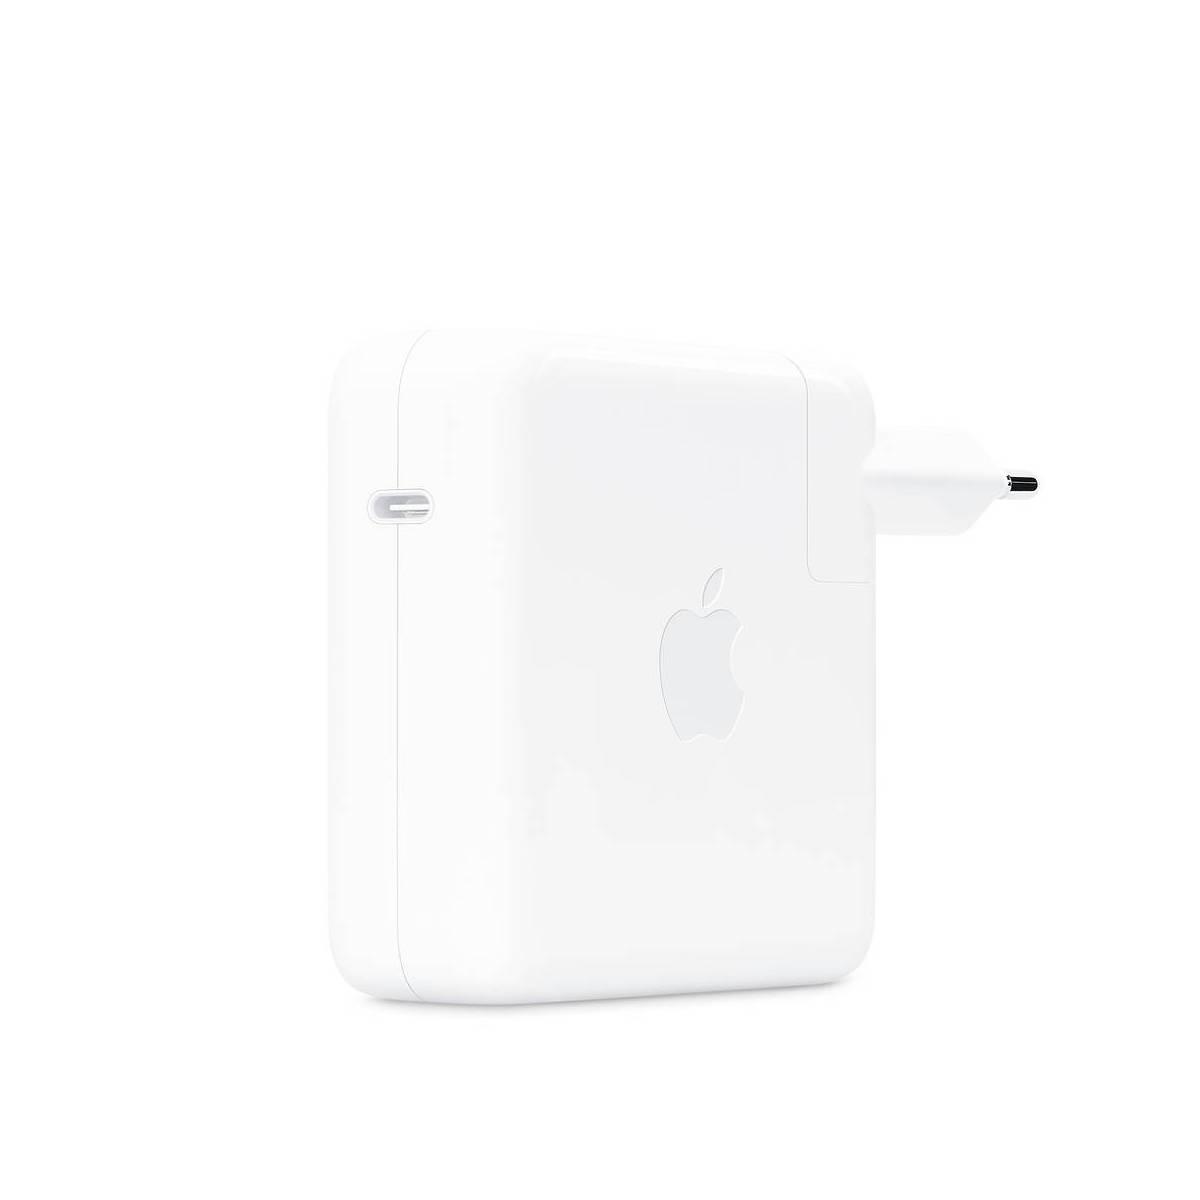 Apples USB C strömförsörjning på 96Watt Mackablar.se fra Apple